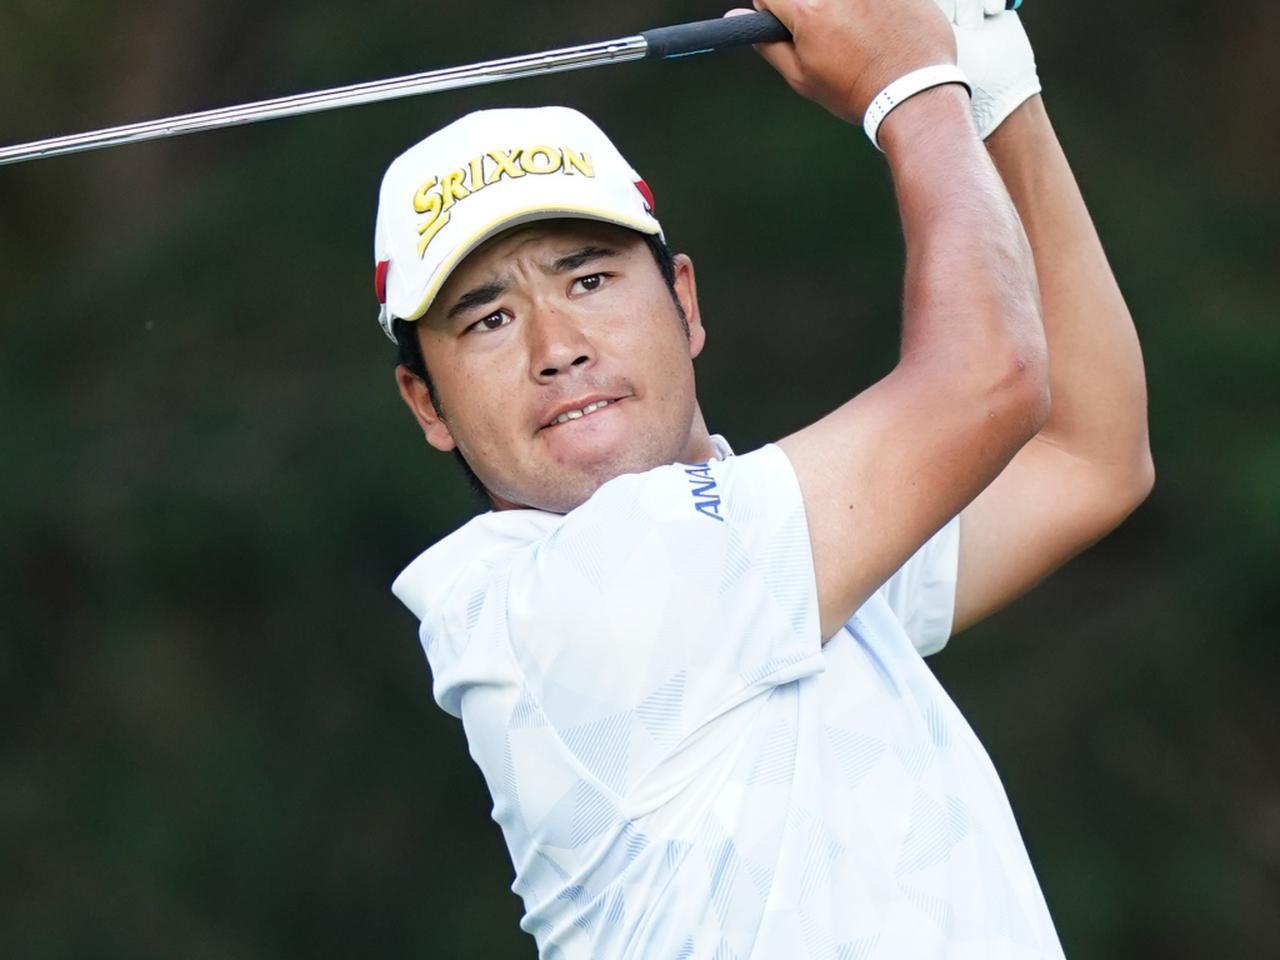 画像: PGAツアー「ワークデイ・チャリティオープン」で、初日5アンダー3位タイと好スタートを切った松山英樹(写真は2020年WGCメキシコ選手権 撮影/姉崎正)